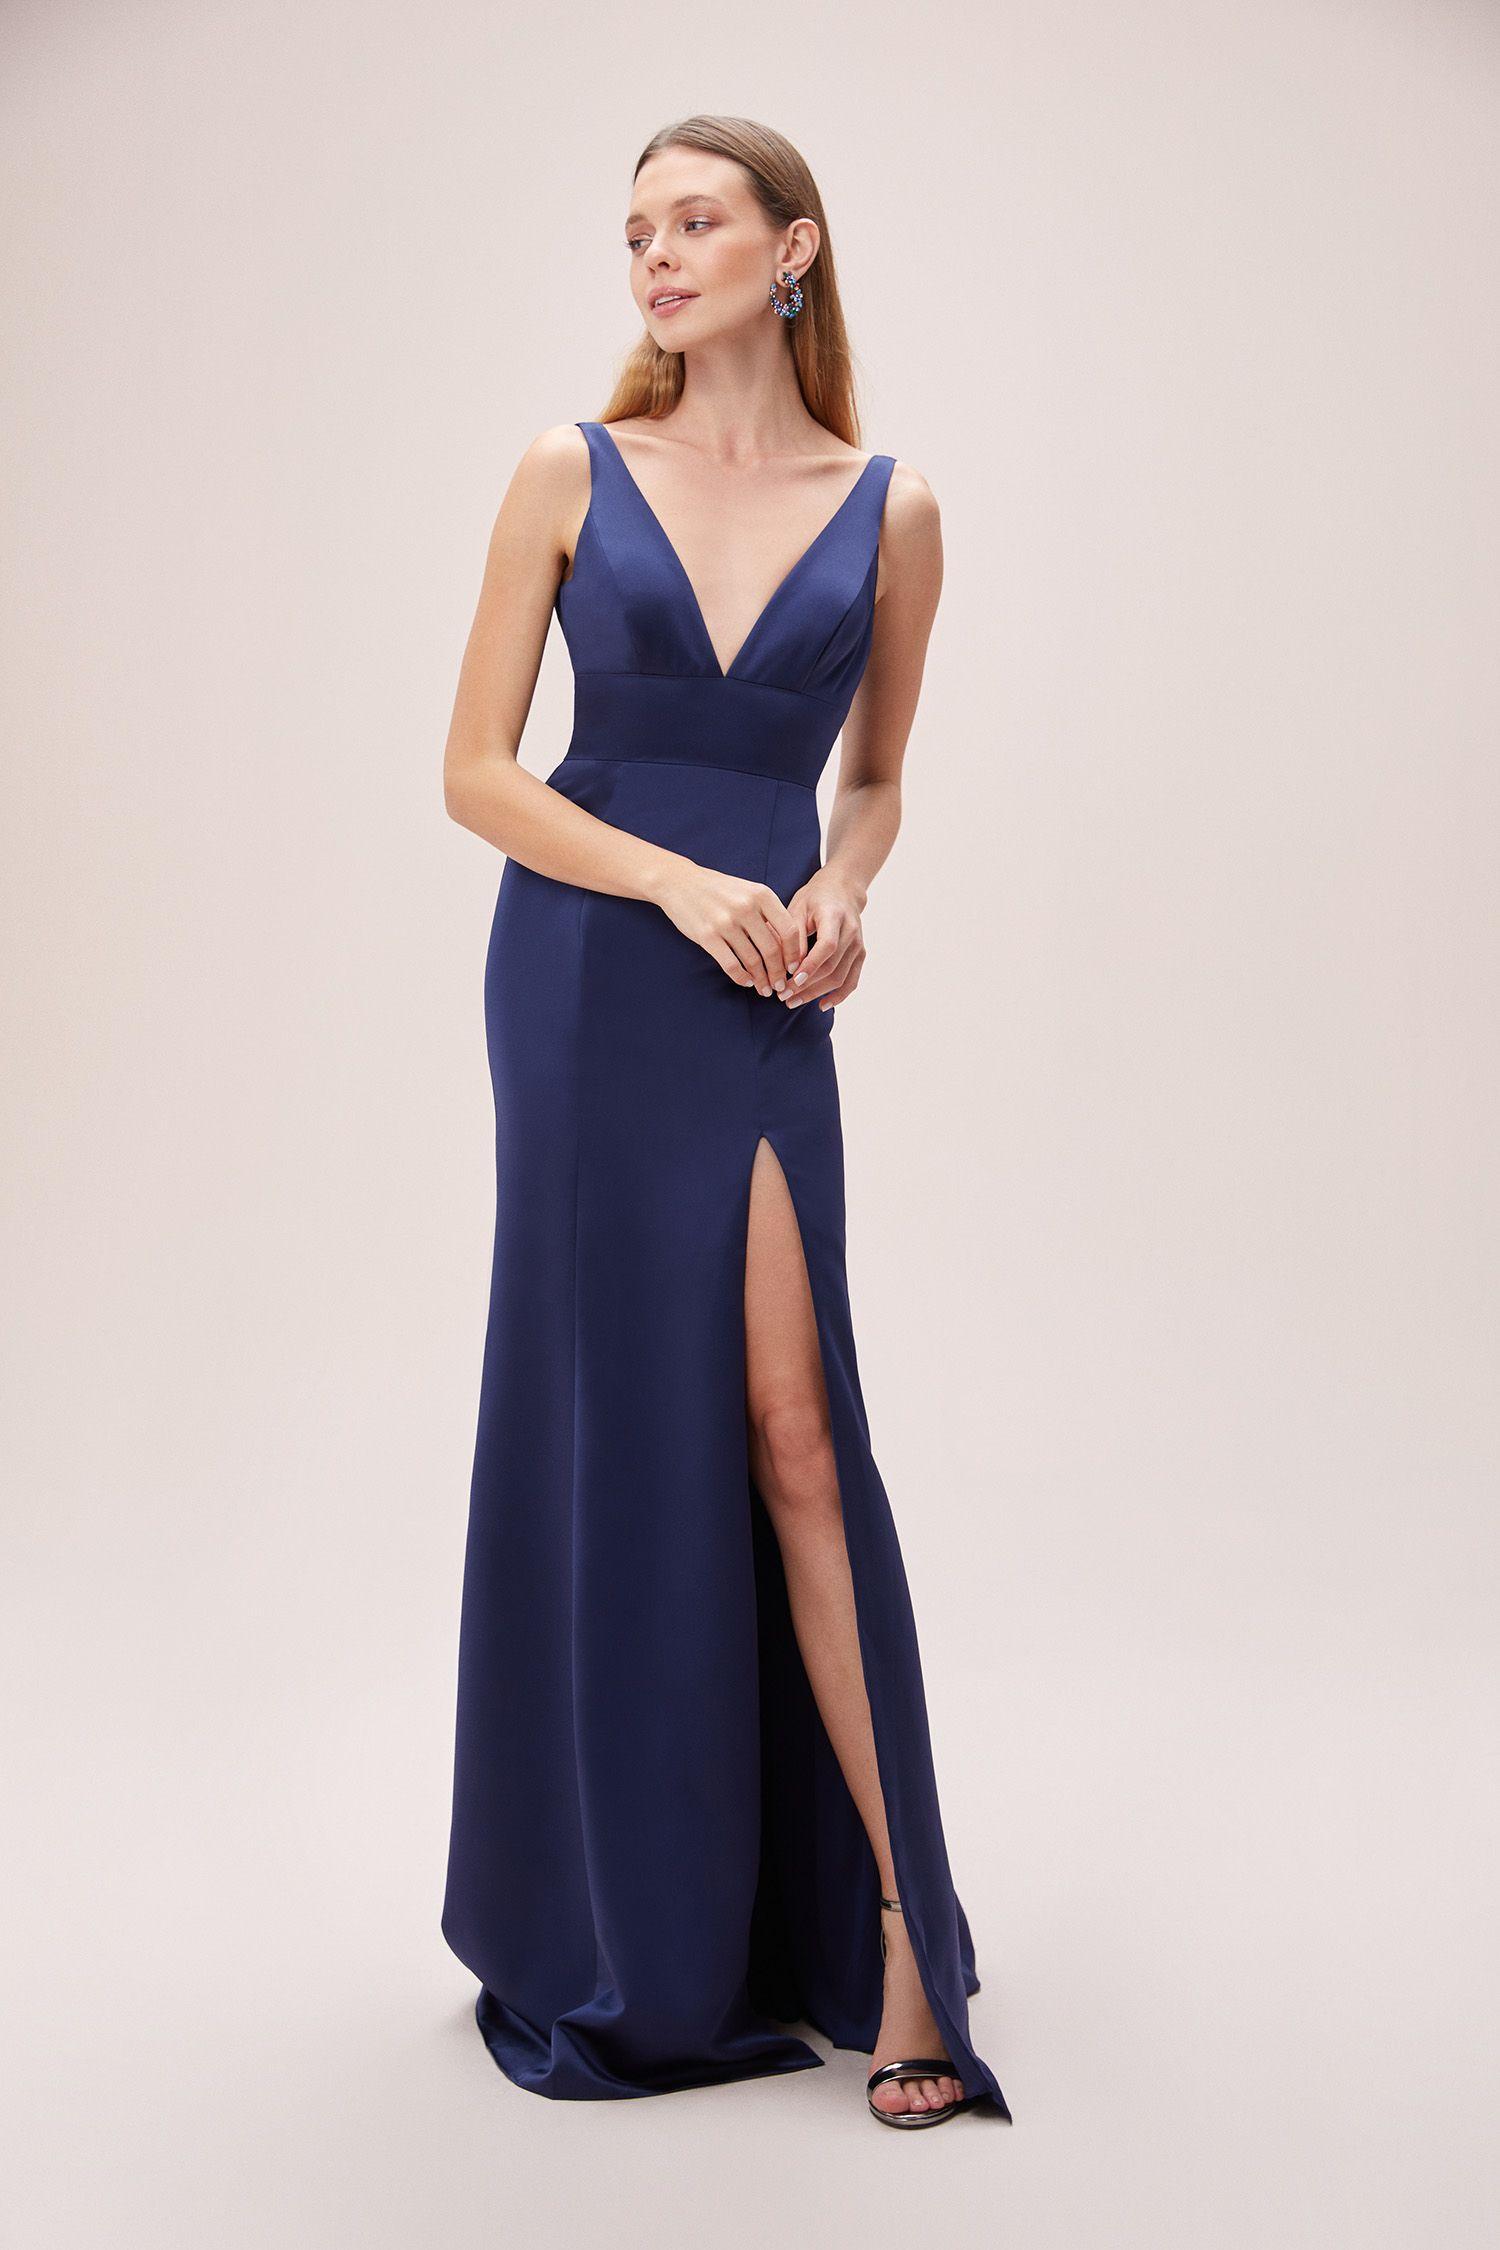 Lacivert Askili V Yaka Yirtmacli Saten Abiye Elbise Oleg Cassini 2020 The Dress Elbise Balo Elbisesi